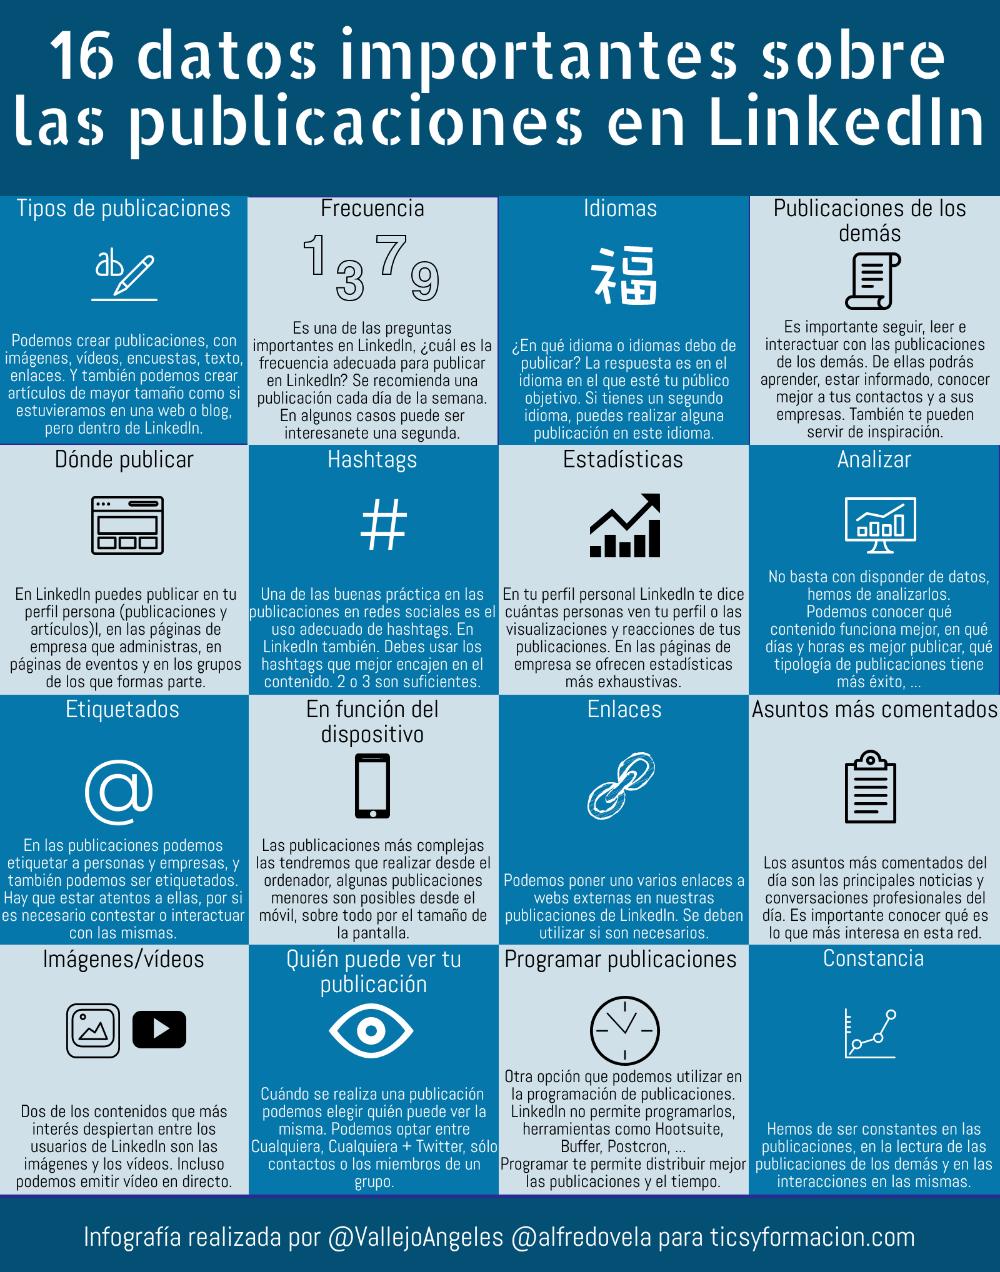 16 Datos Importantes Sobre Las Publicaciones En Linkedin Infografia Socialmedia Contenidos Linkedin Tics Y Formación Linkedin Marketing Twitter Marketing Social Selling